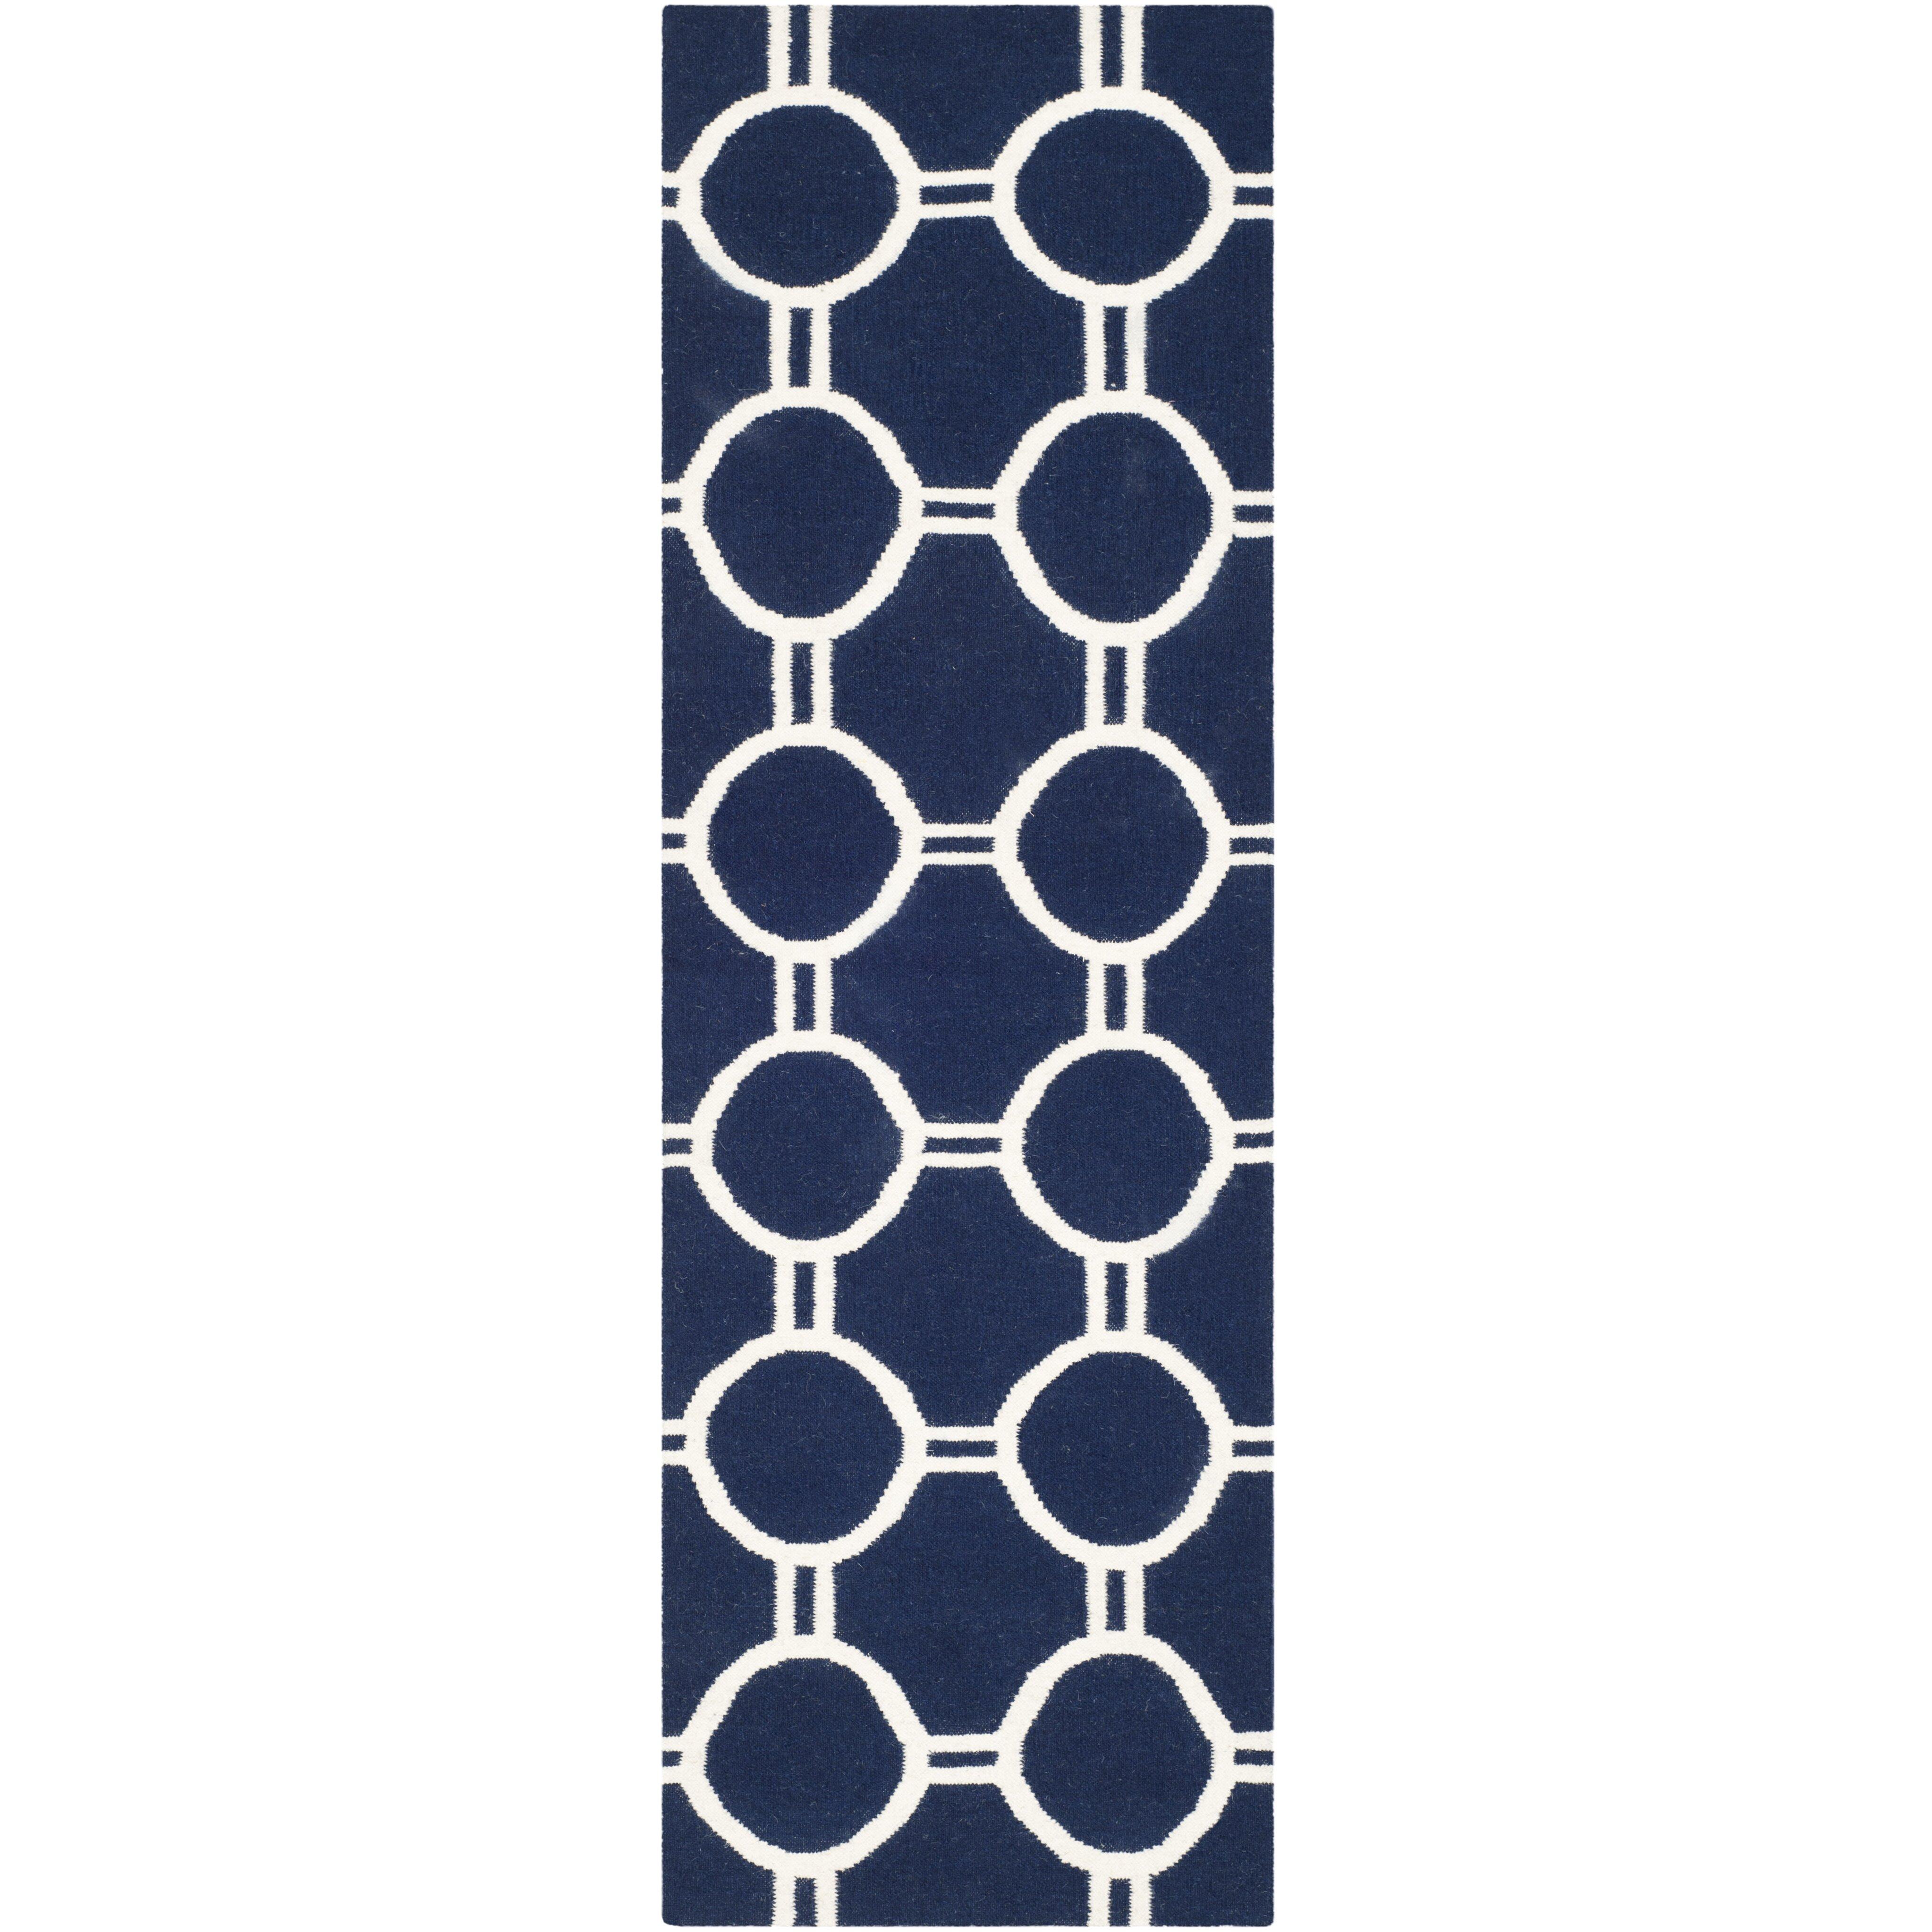 28 navy and white area rug trellis navy white area rug wayf